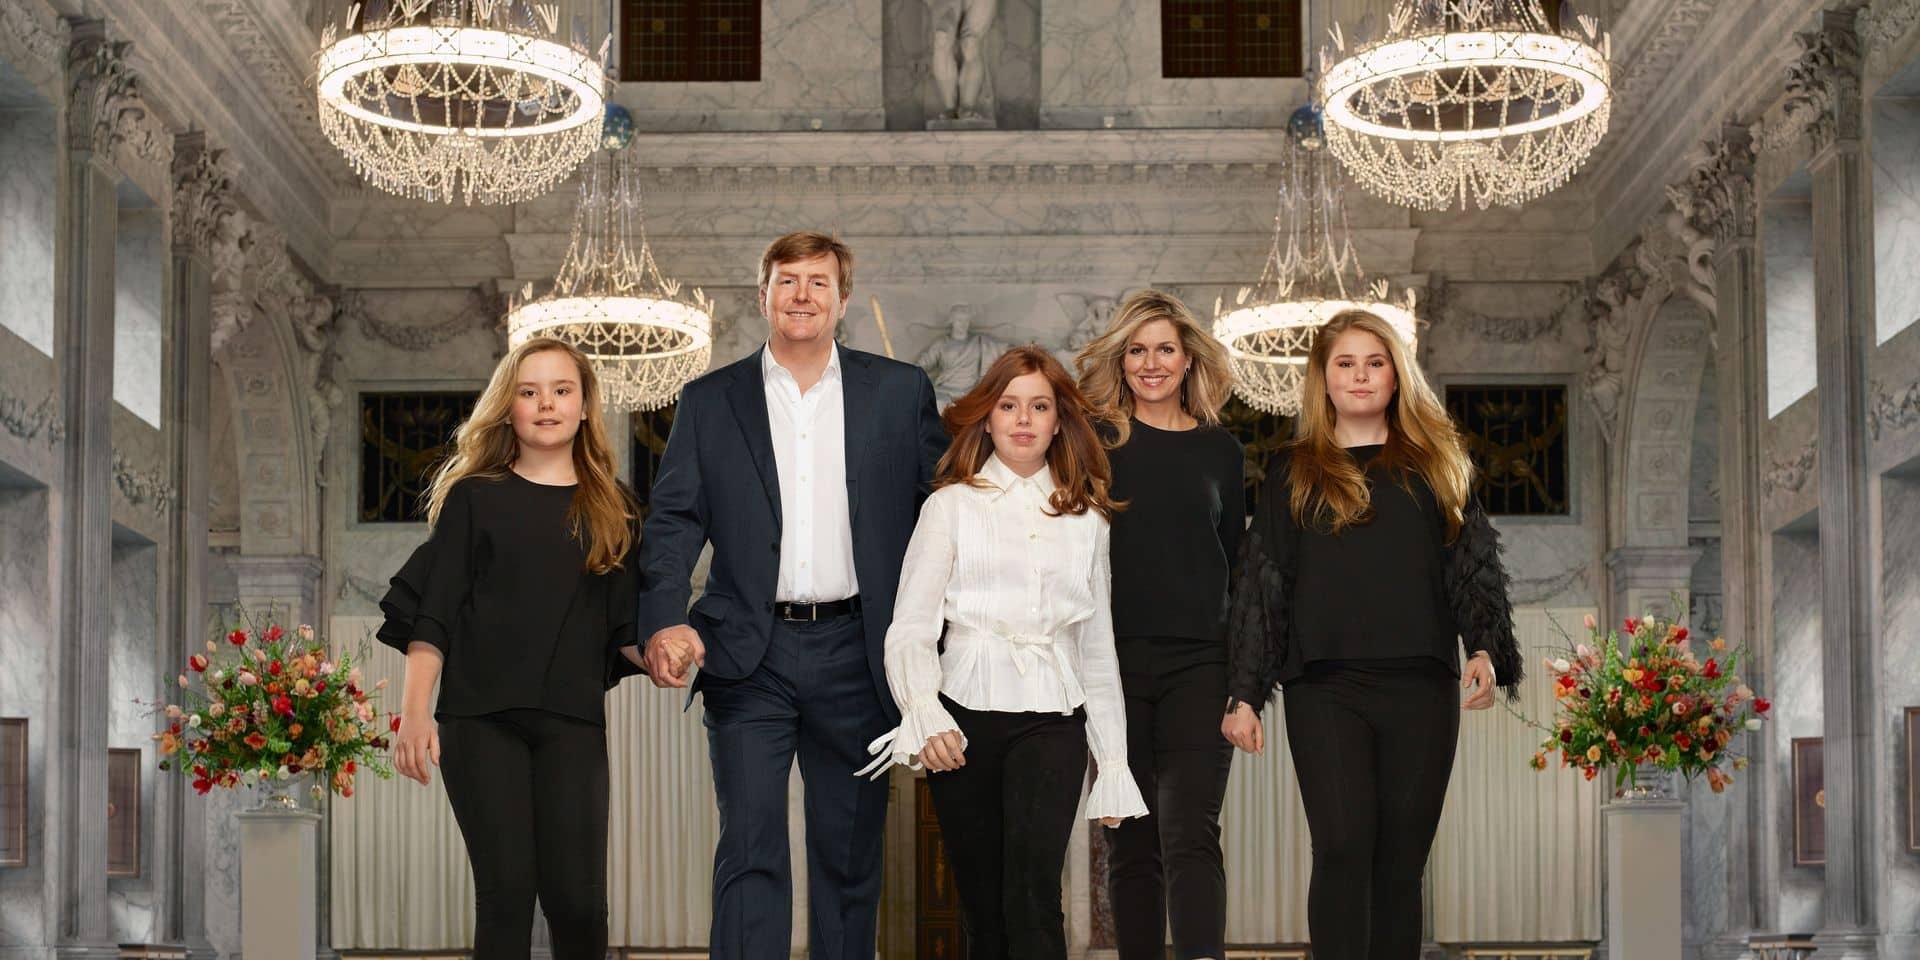 La famille royale des Pays-Bas dévoile ses nouveaux portraits